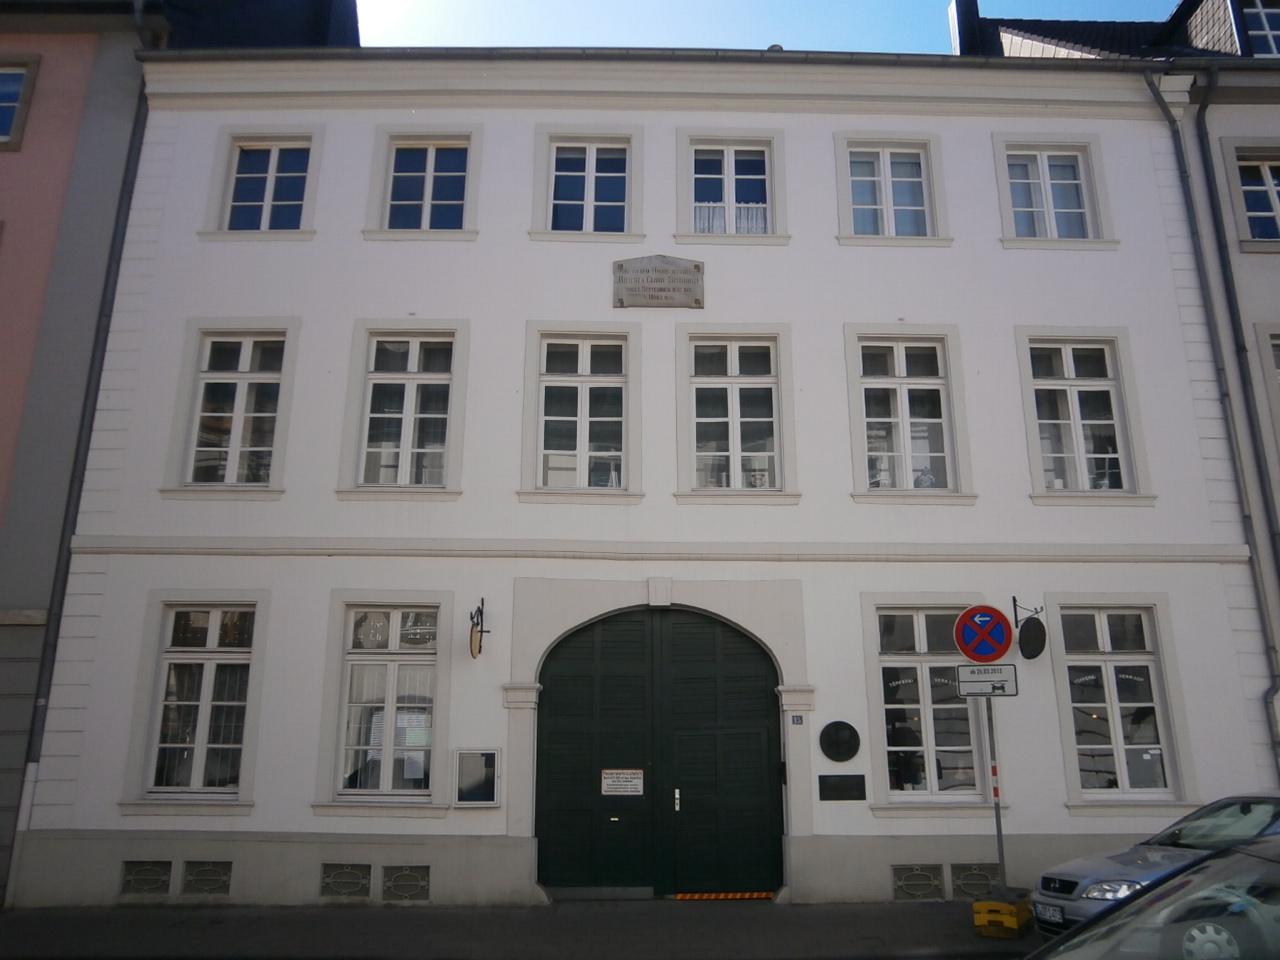 デュッセルドルフのシューマンハウス外観